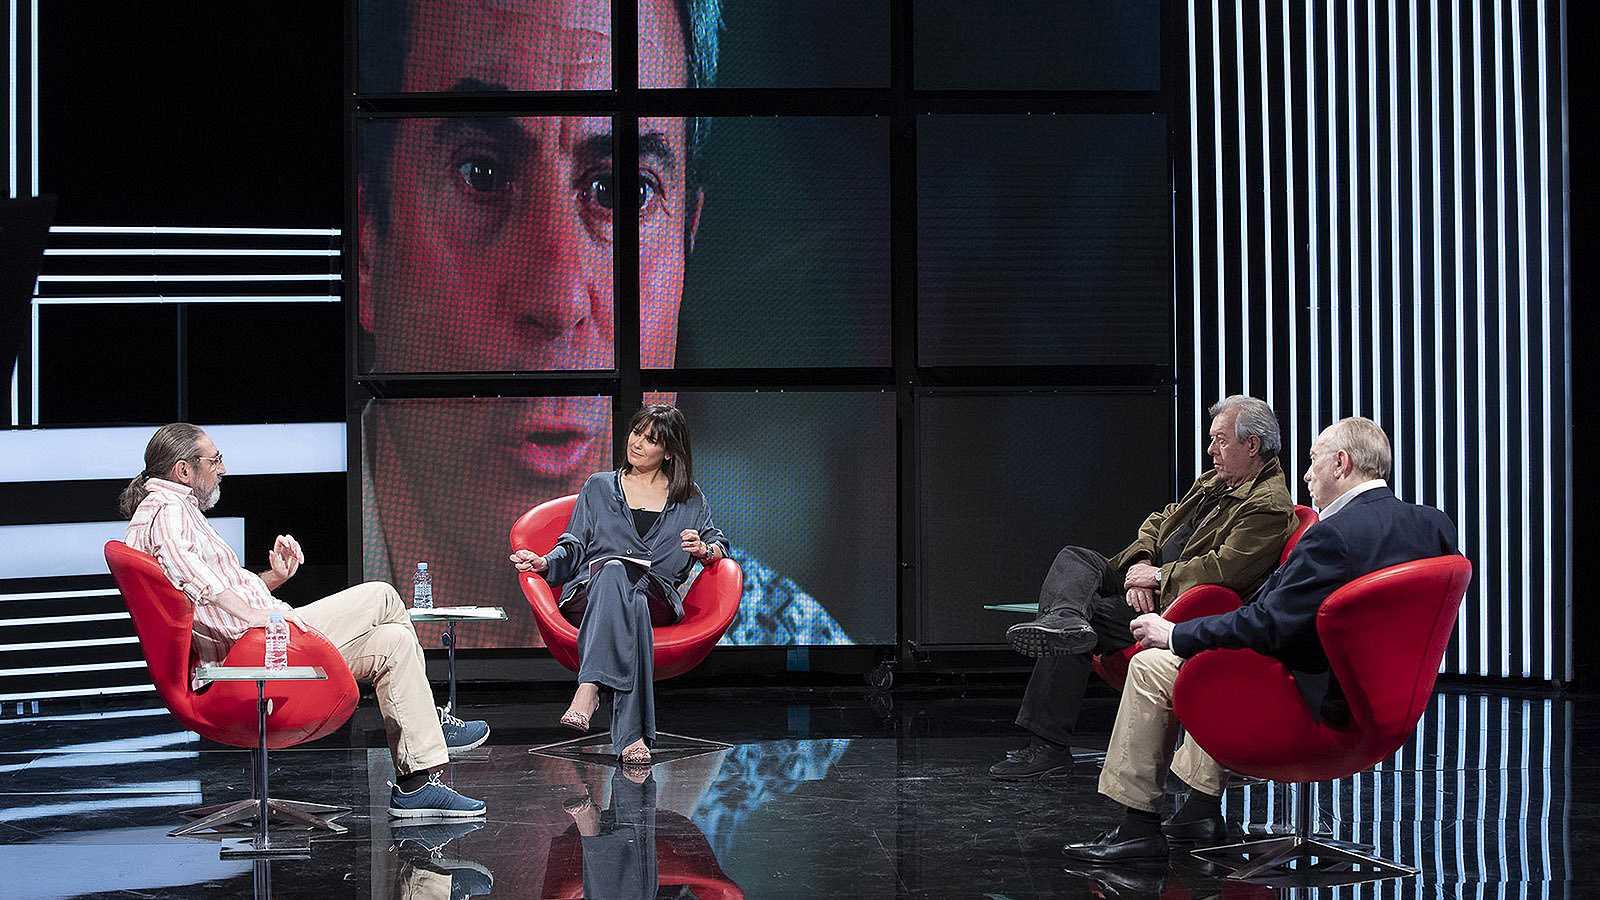 Coloquio sobre Arturo Fernández en Historia de nuestro cine